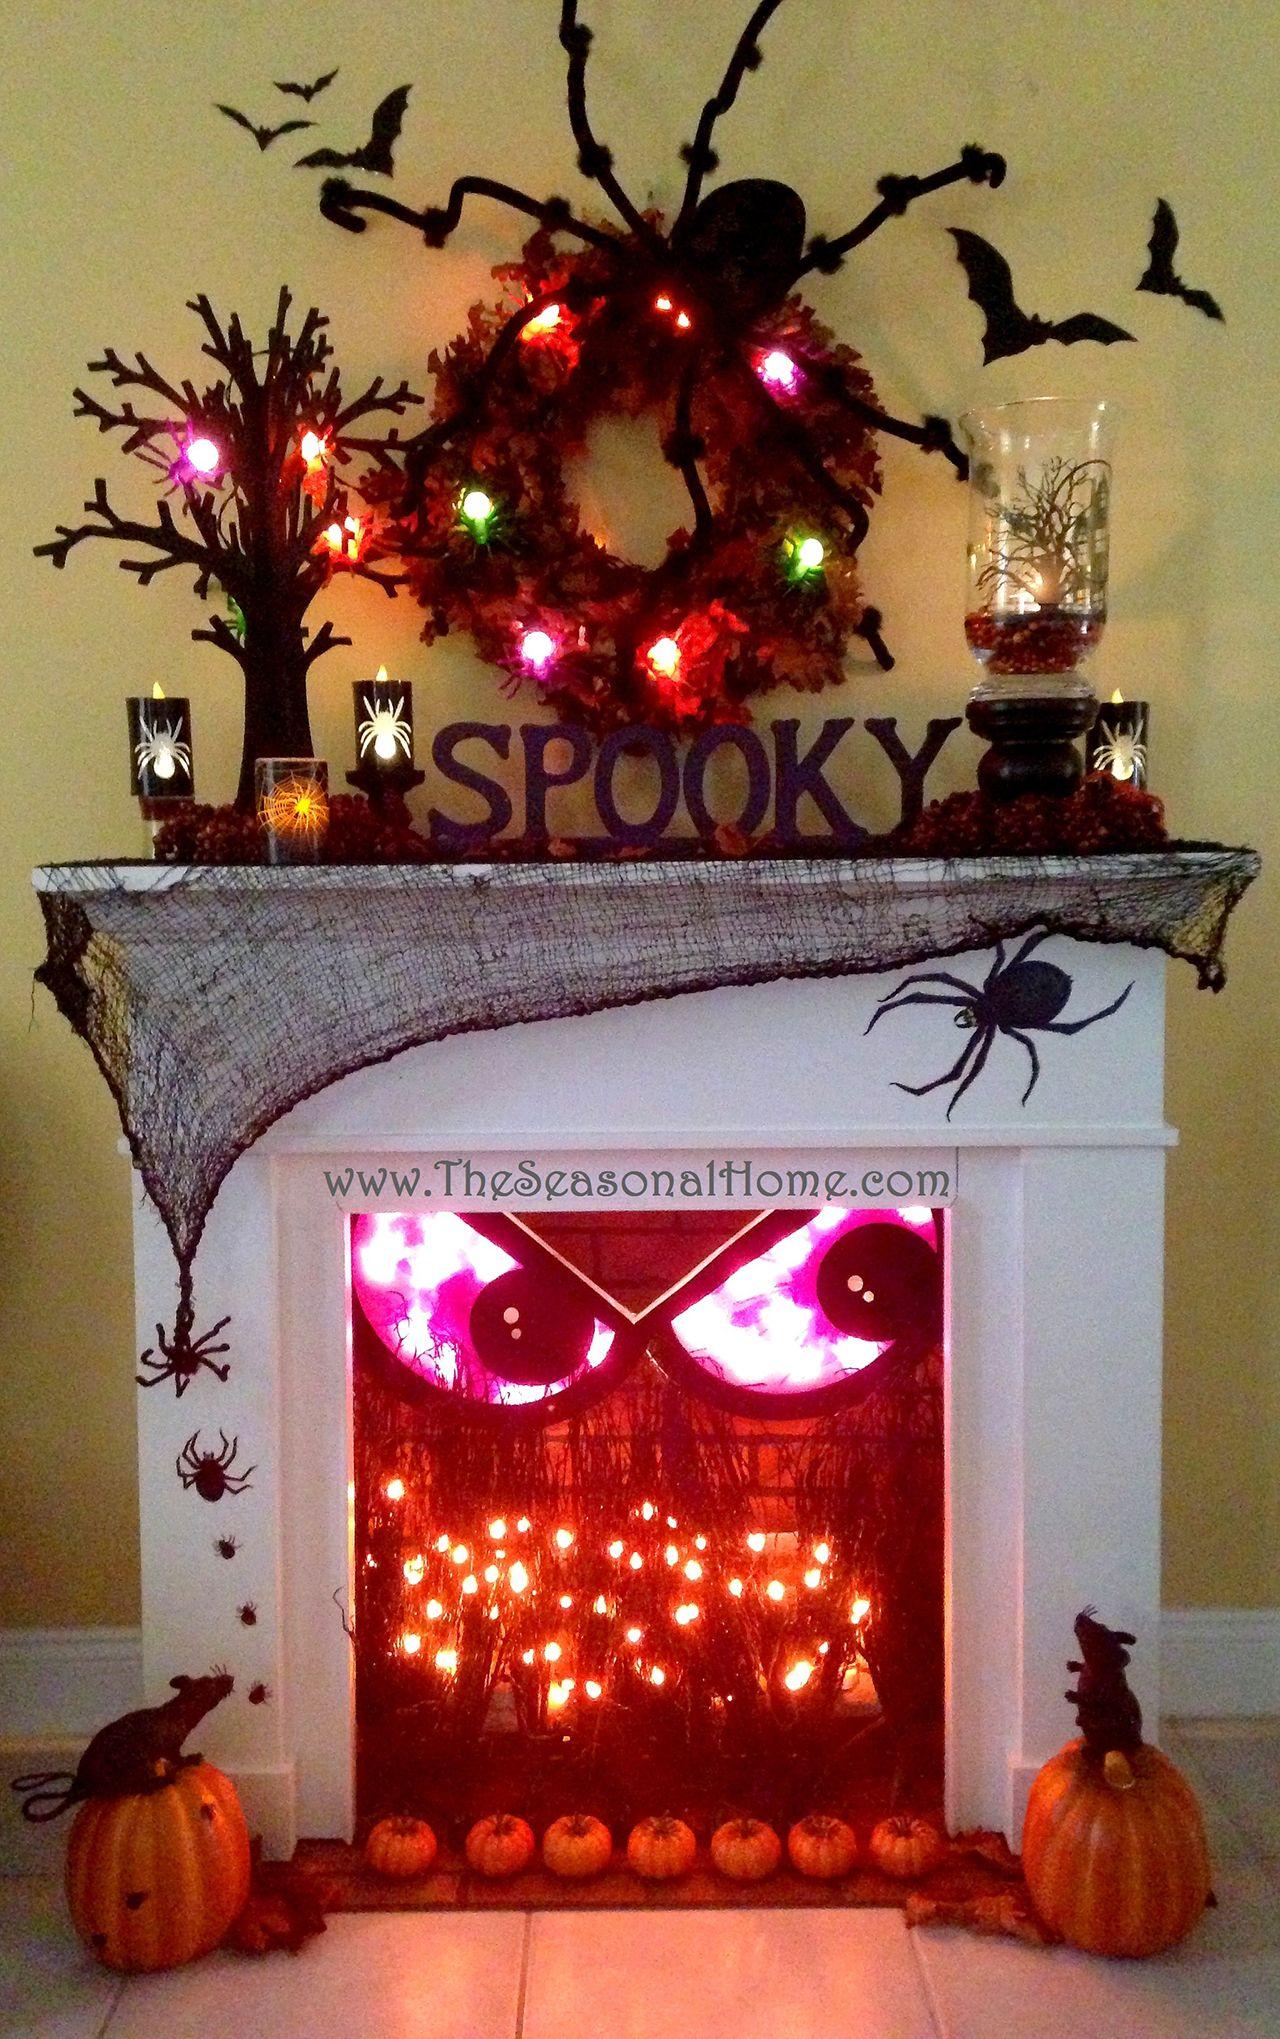 50 Indoor Dekorationen, die Halloween auf die nächste Ebene bringen - Inside Halloween Decorations